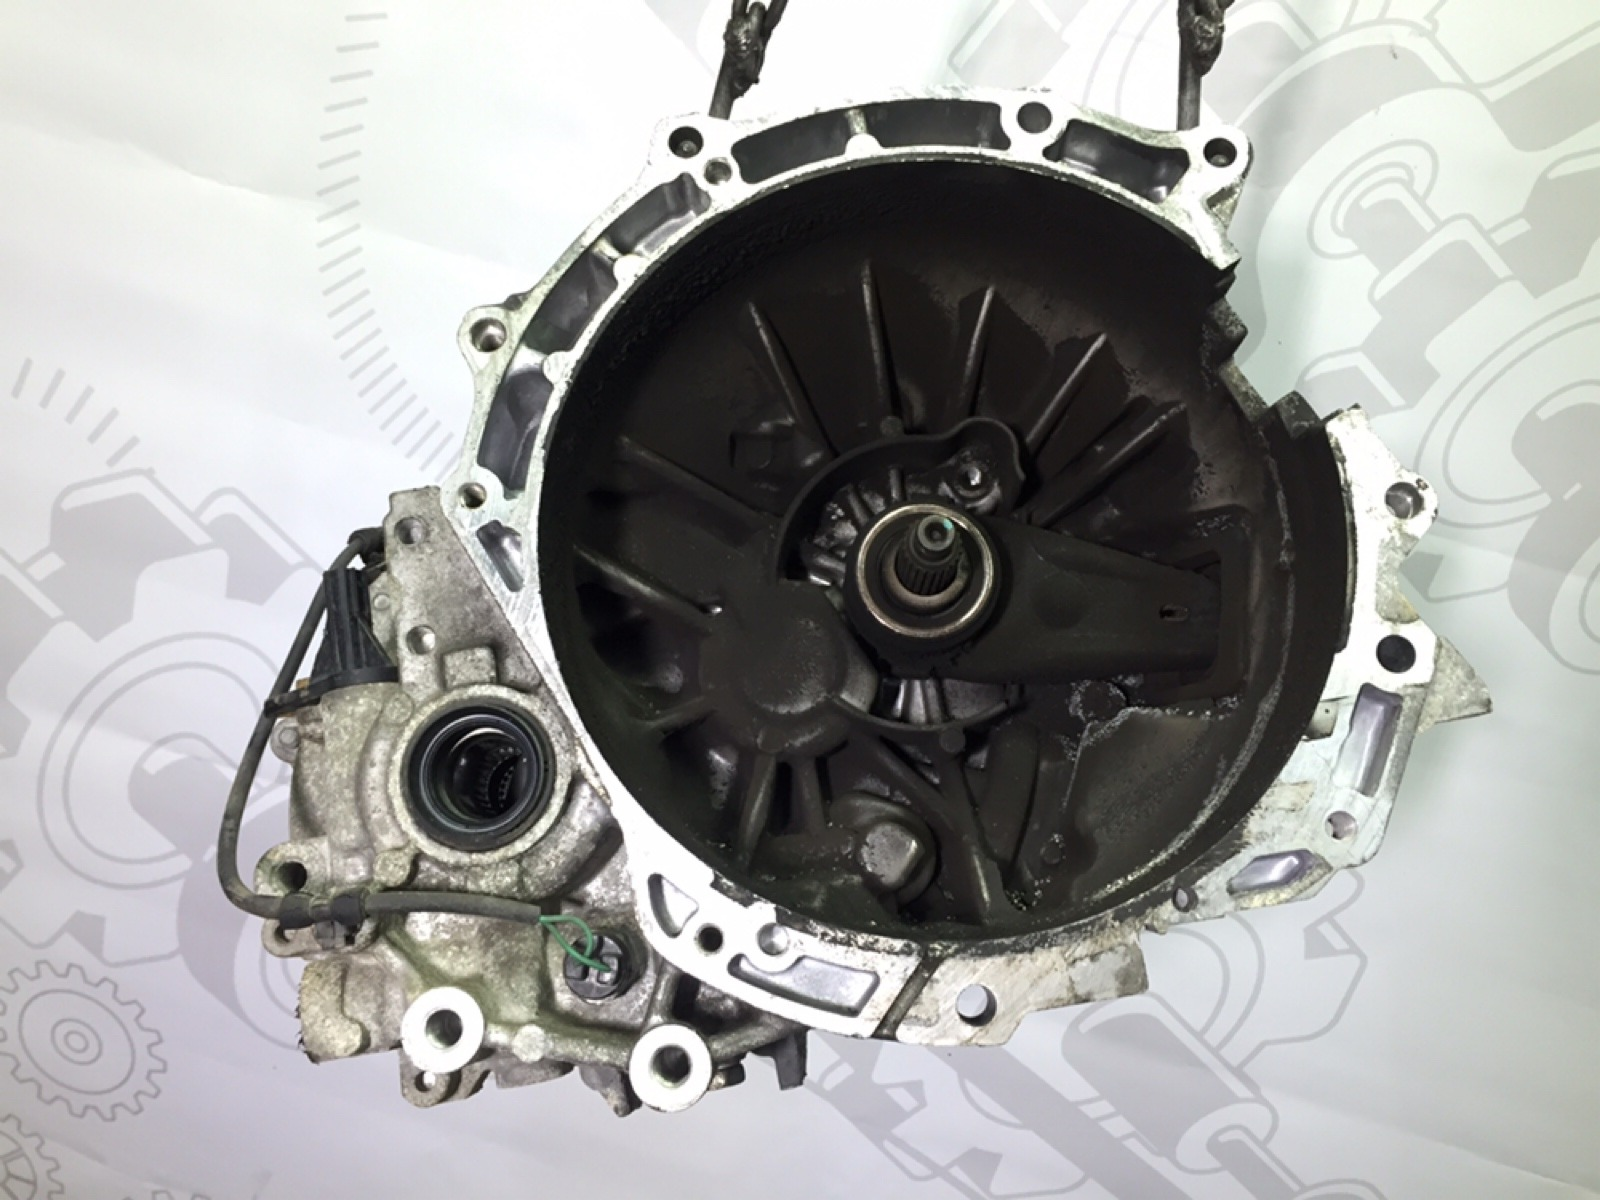 Кпп механическая (мкпп) Mazda 6 1.8 I 2007 (б/у)